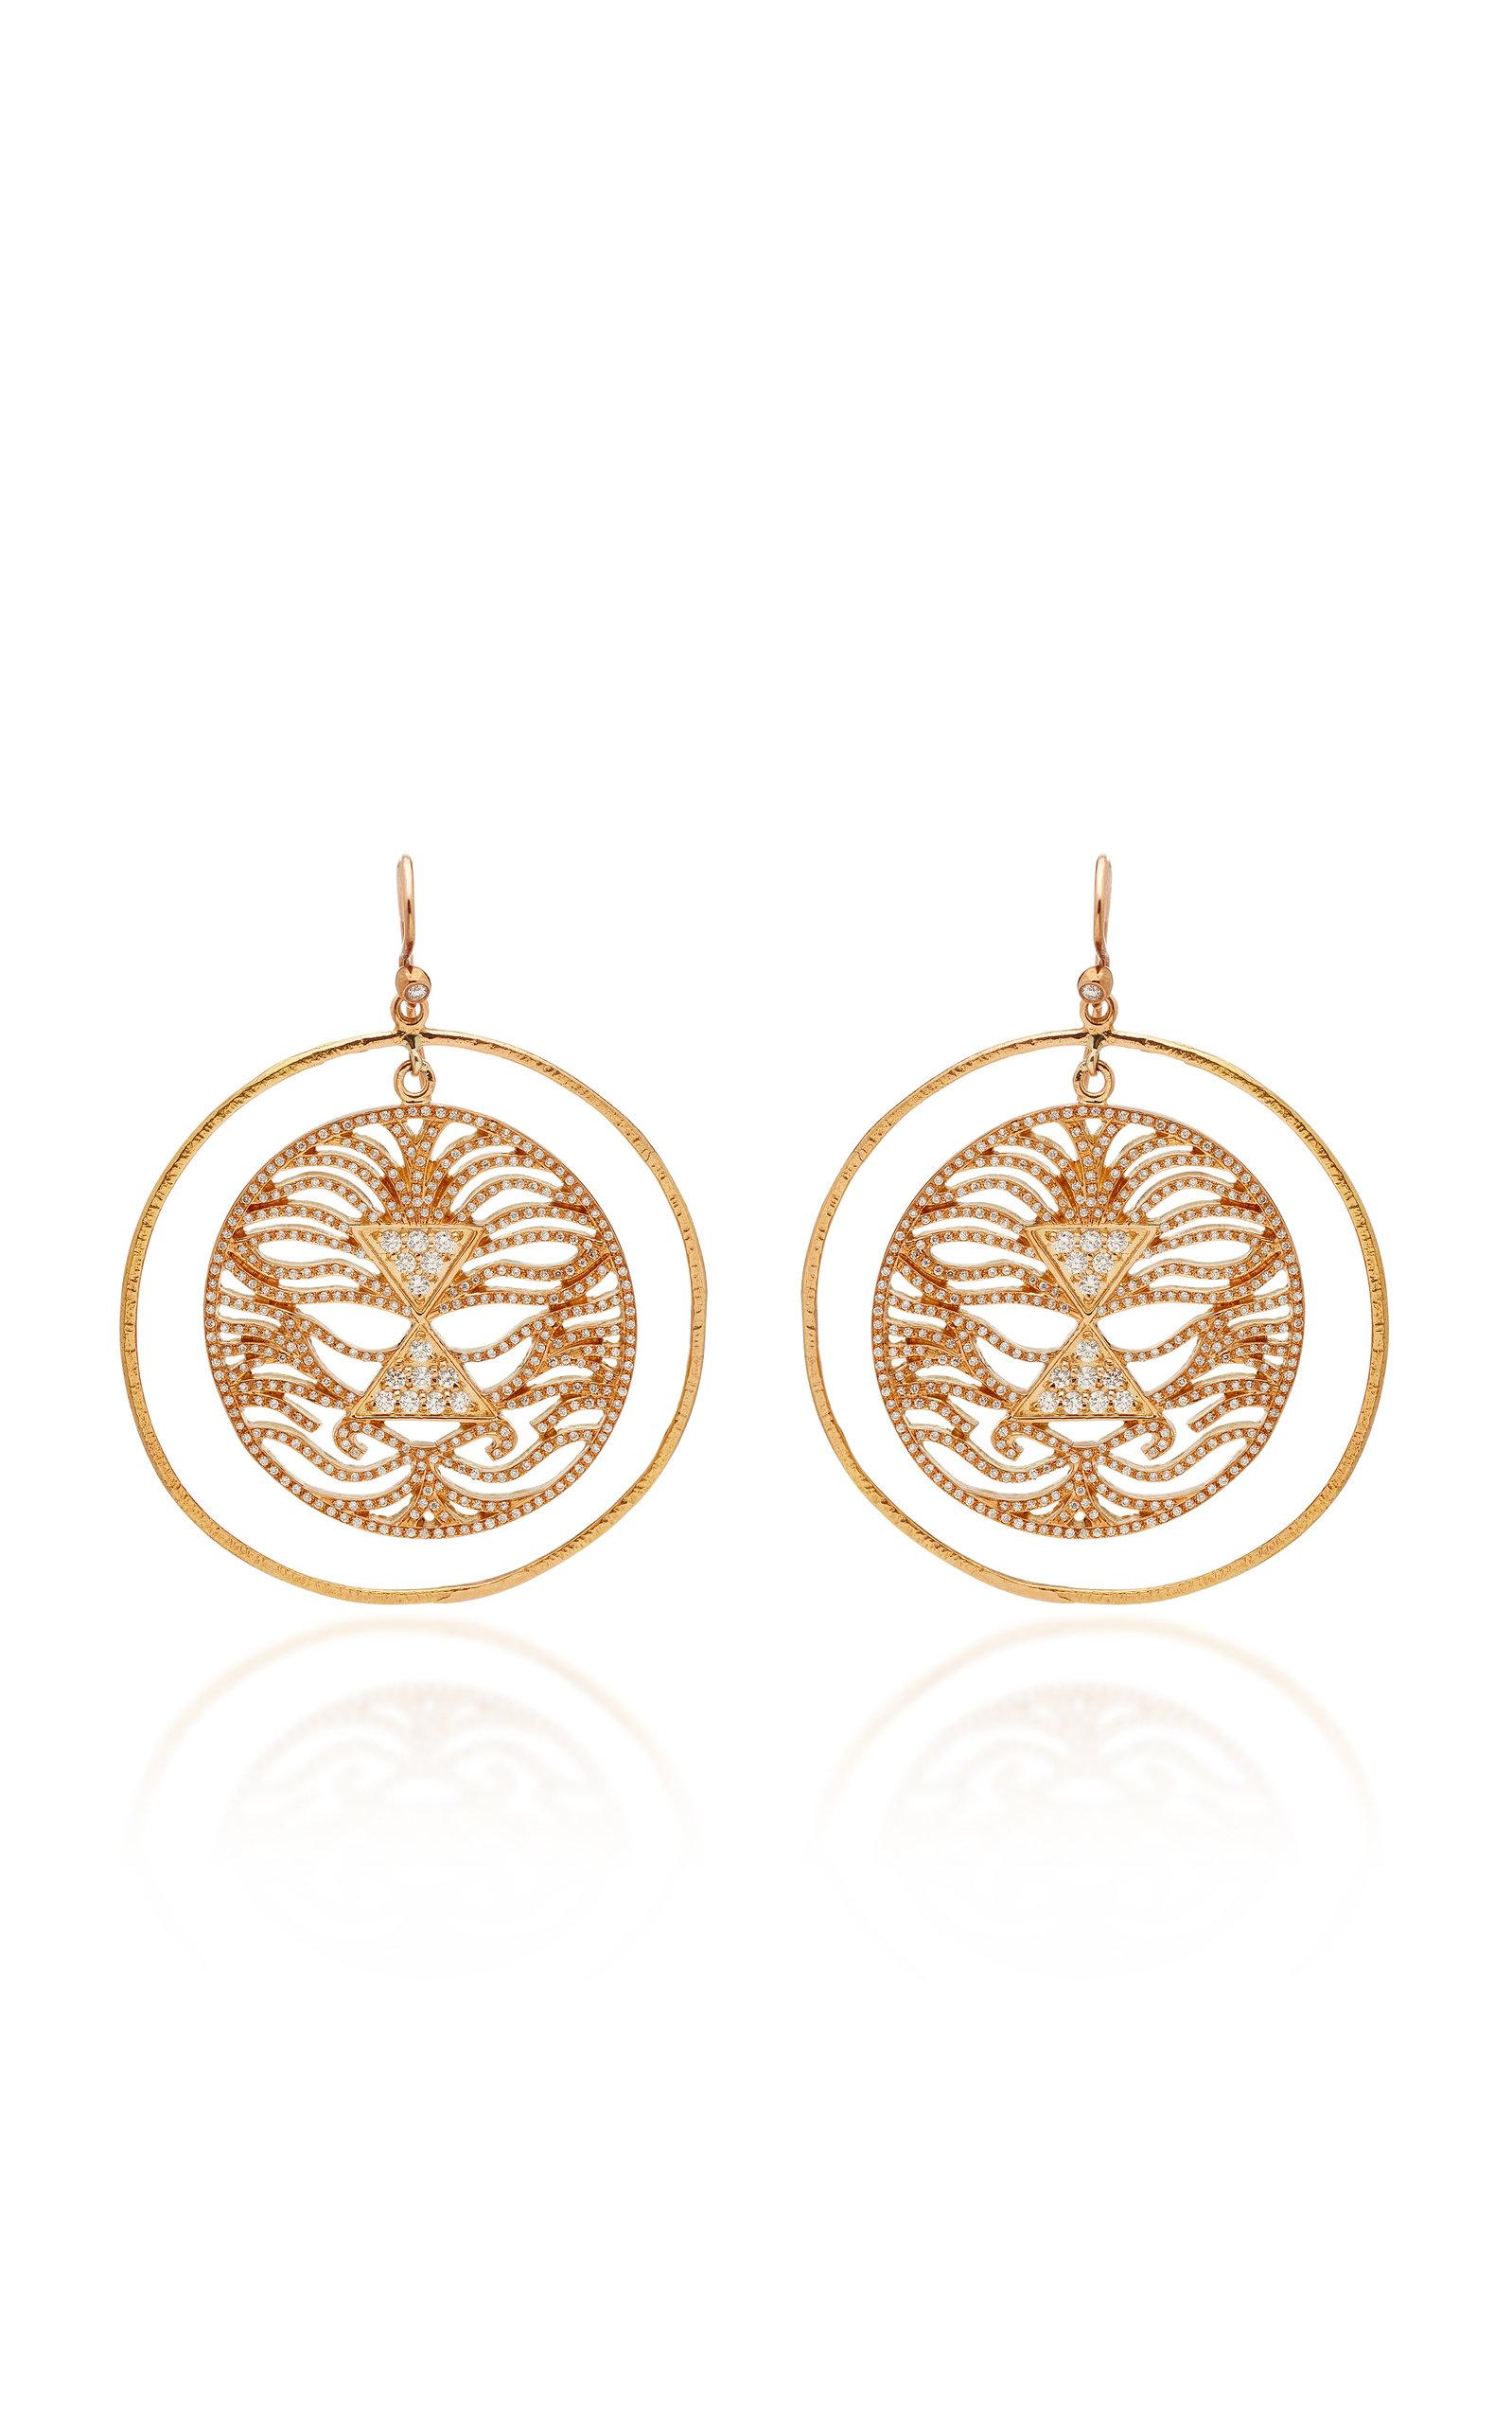 MISAHARA LAVI 18K ROSE GOLD DIAMOND EARRINGS